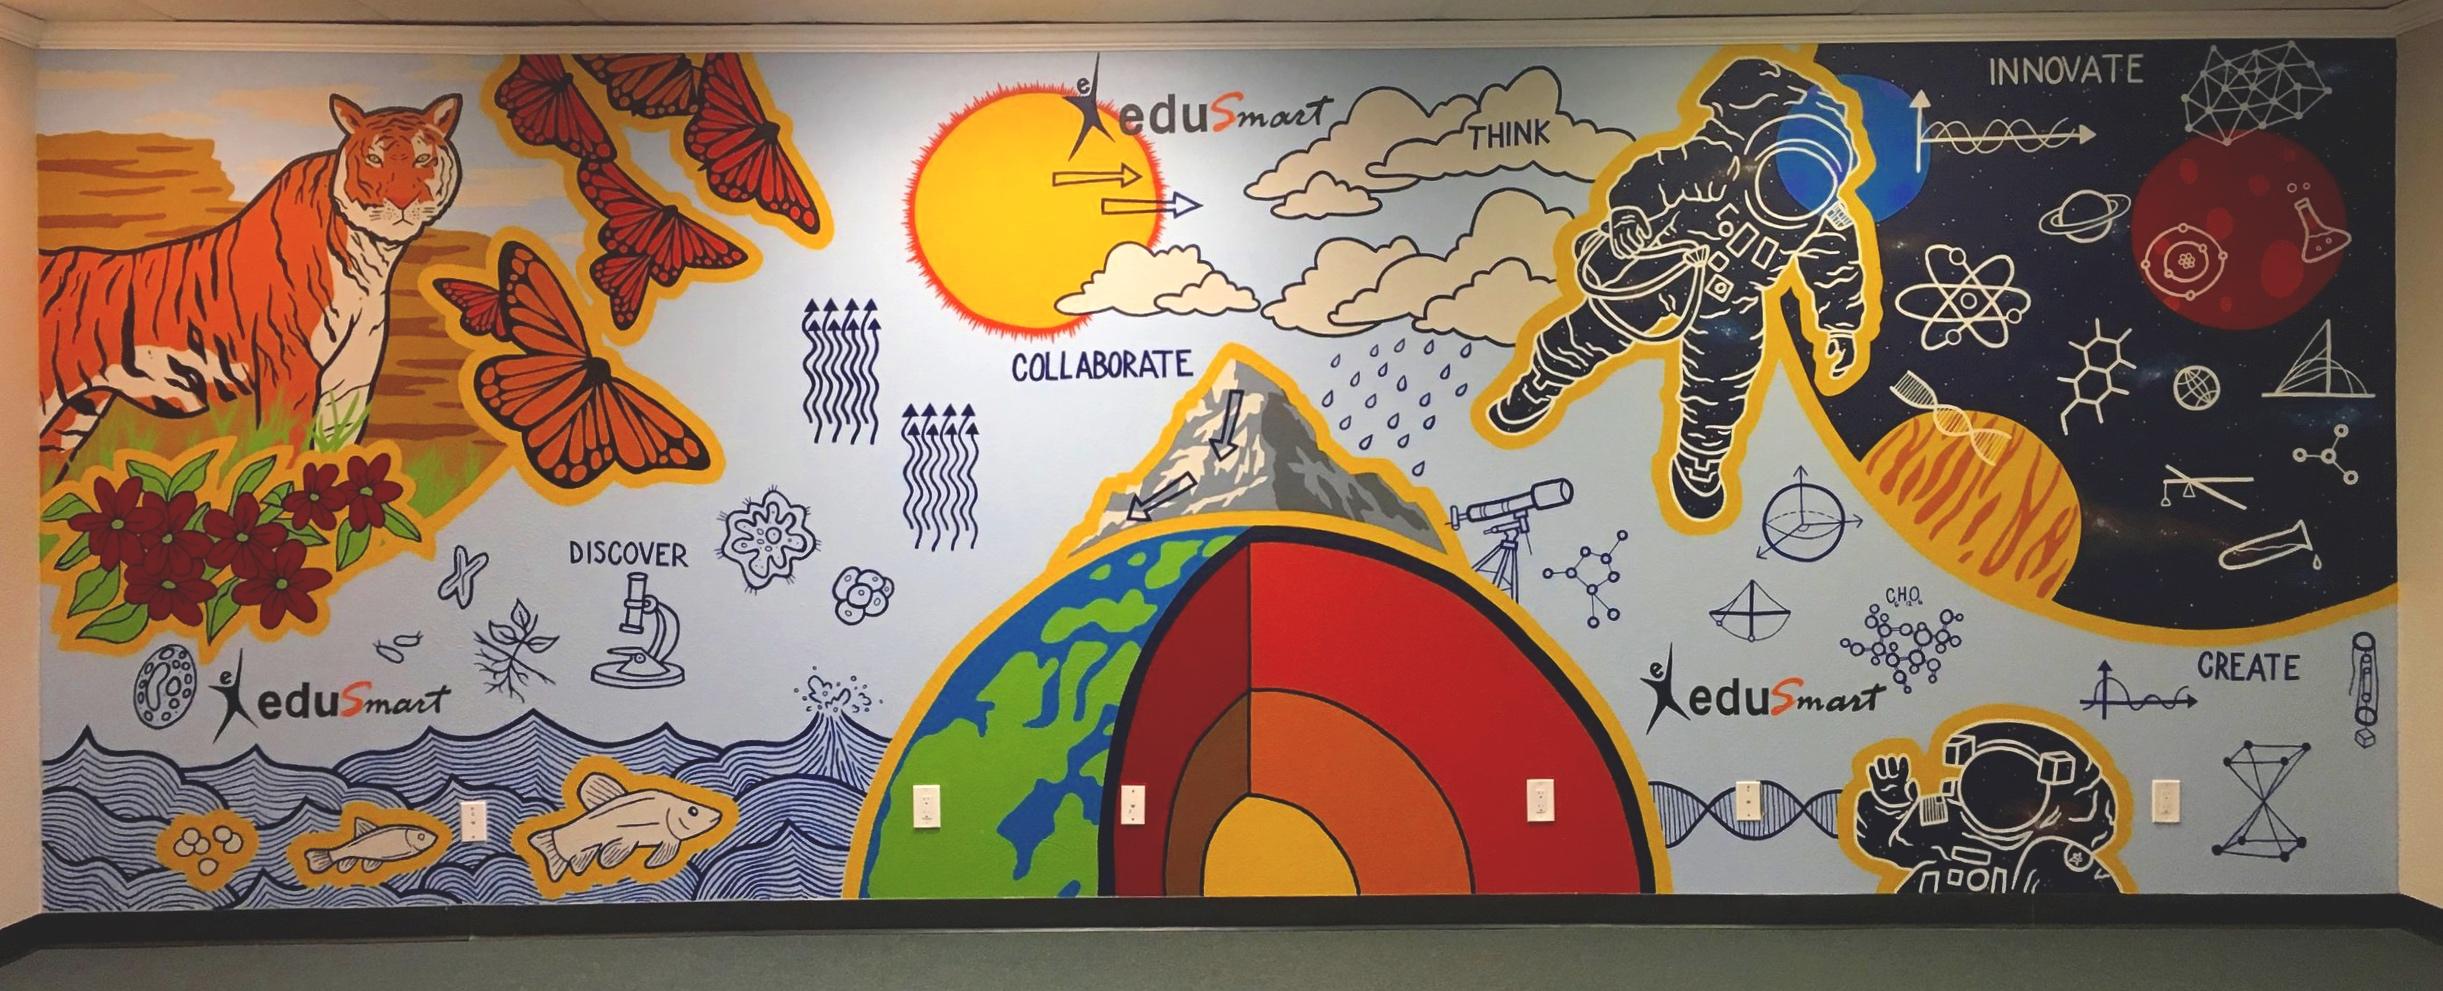 EduSmart Office Mural, Austin